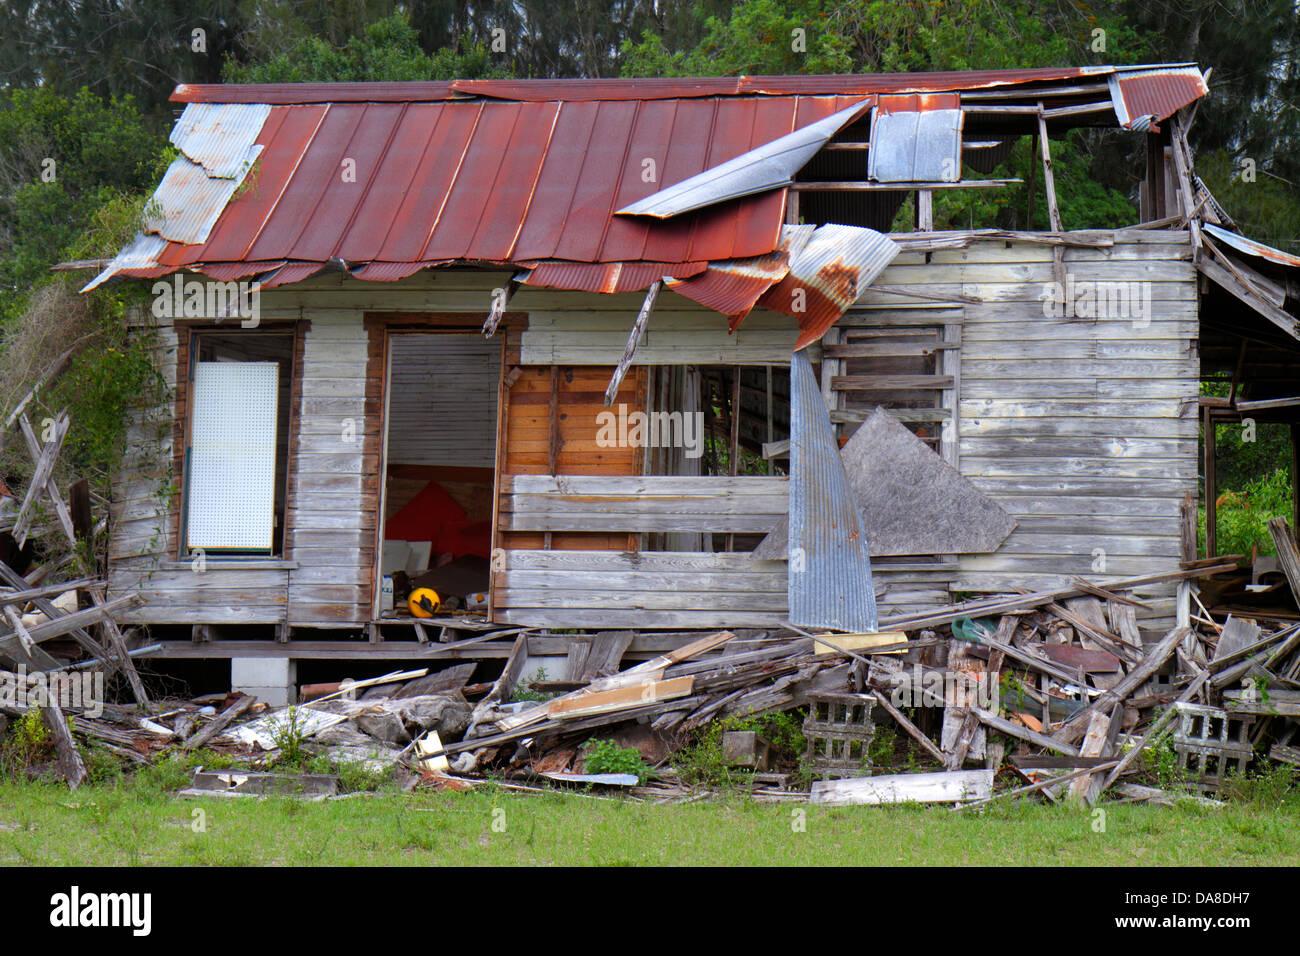 Florida Venus House Wood Frame Damaged Abandoned Falling Apart Vacant  Dilapidated Eye Sore